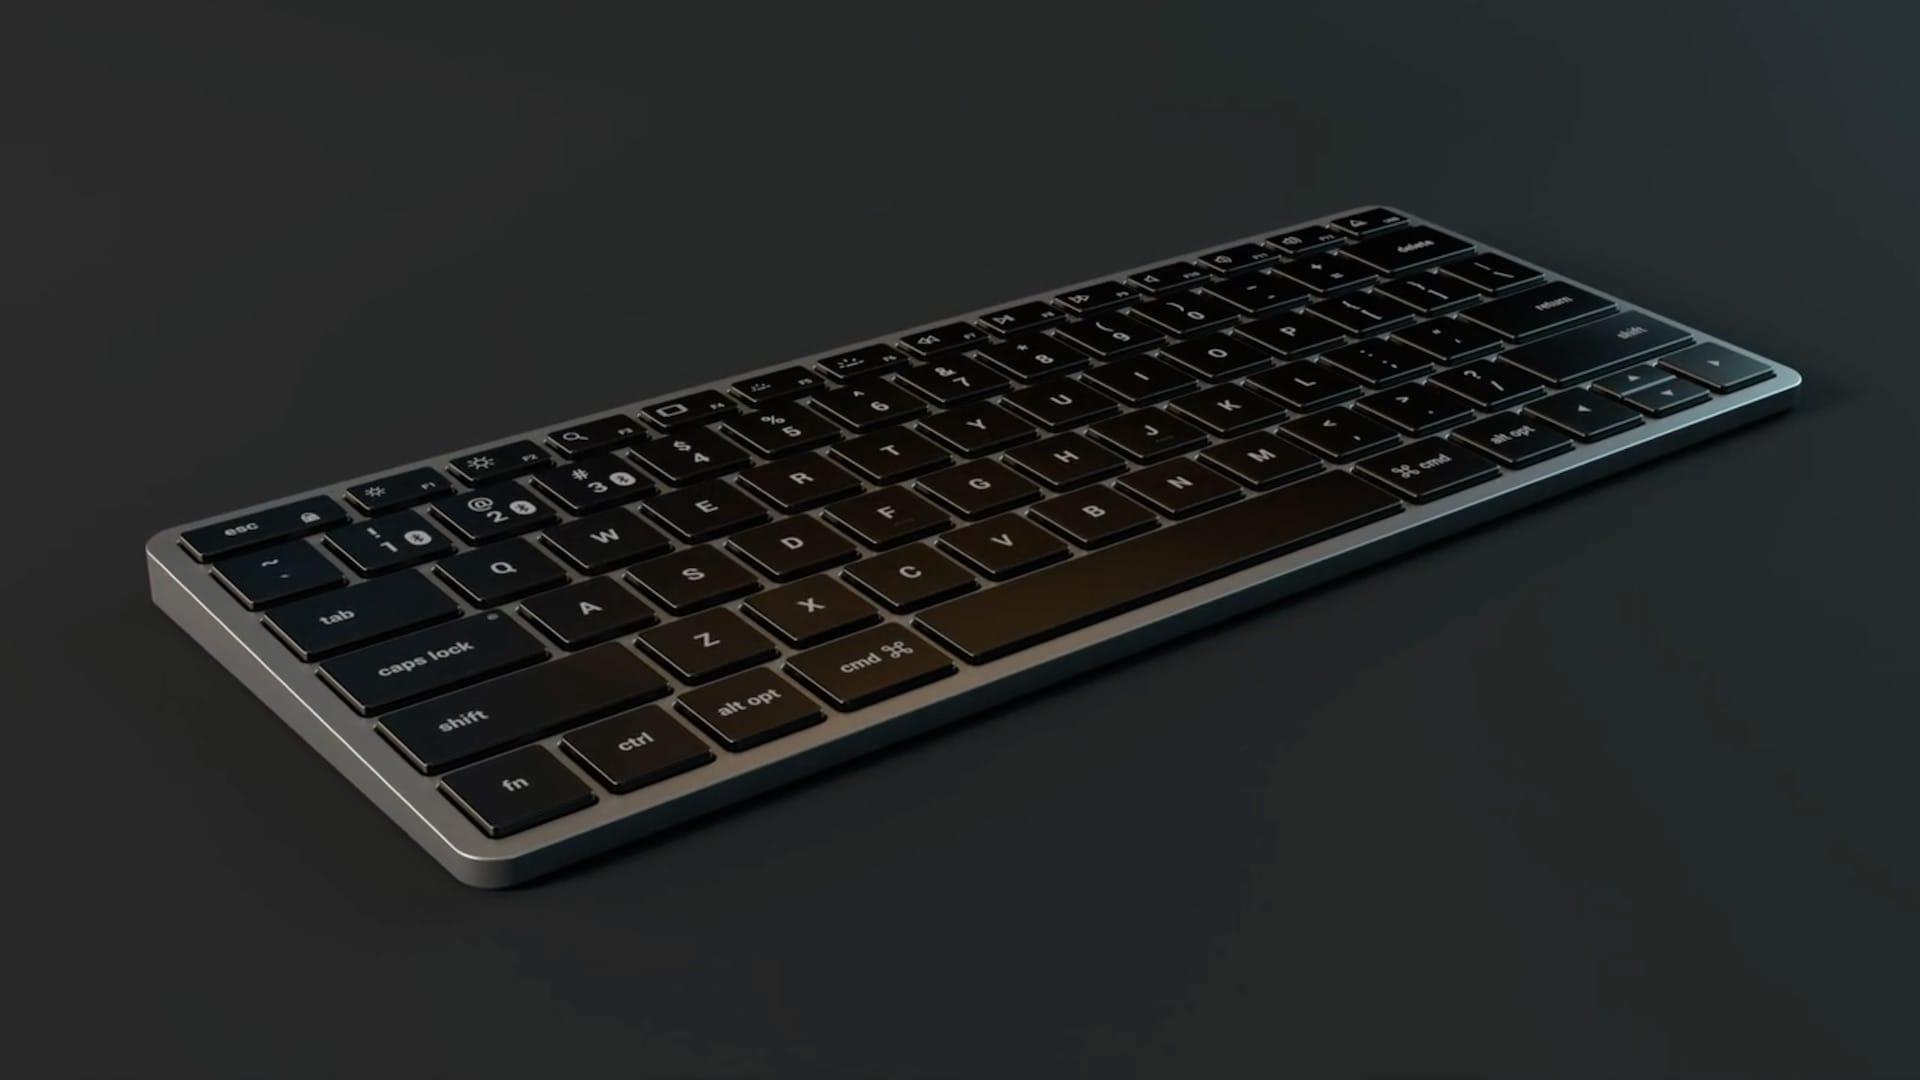 Satechi、バックライト内蔵Bluetoothキーボードを発売